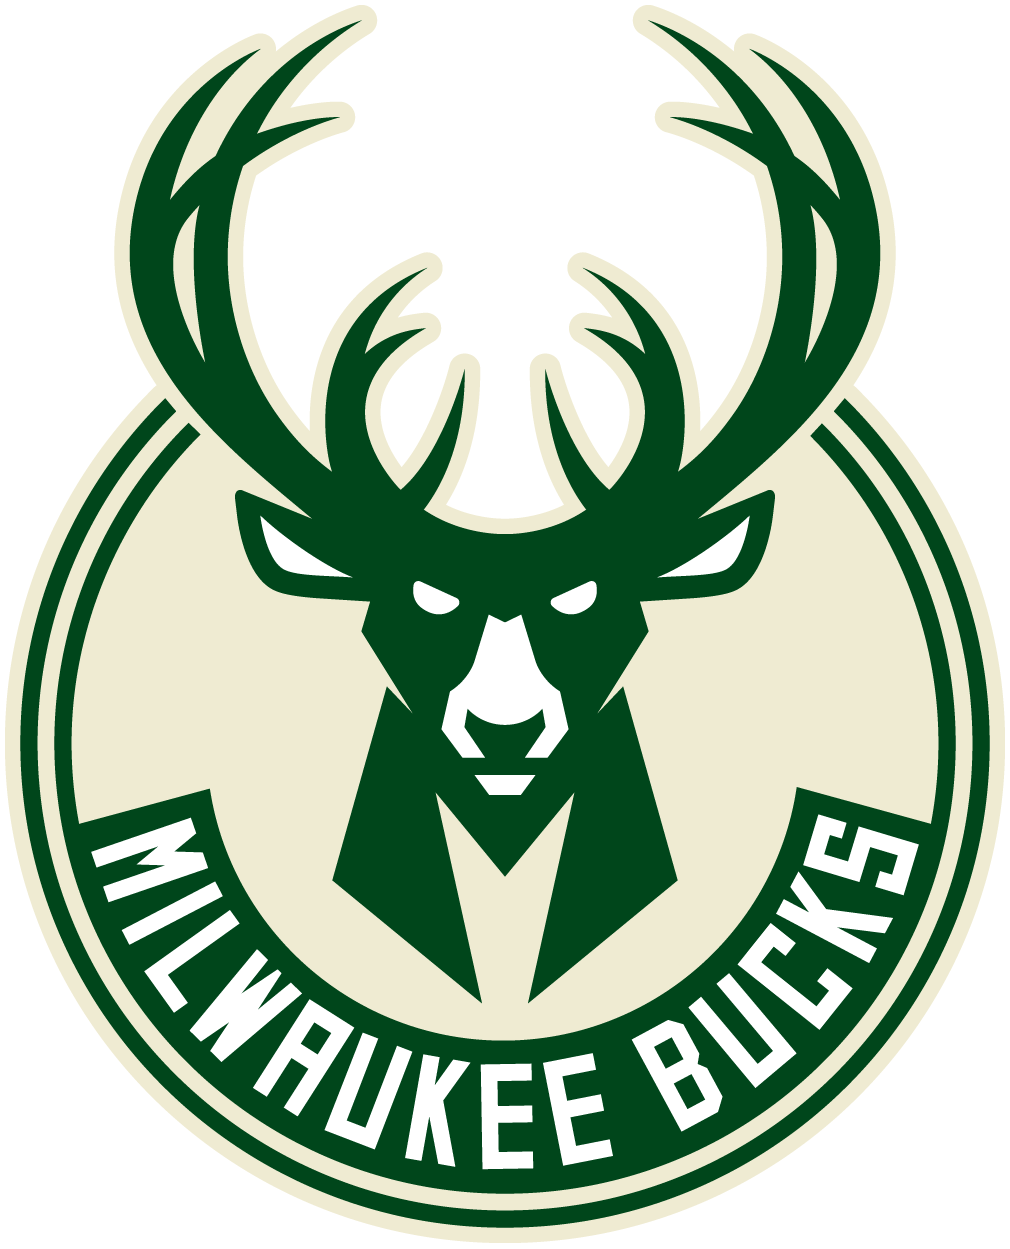 Waukesha Metal Products Joins Milwaukee Bucks to Honor Local Military Members